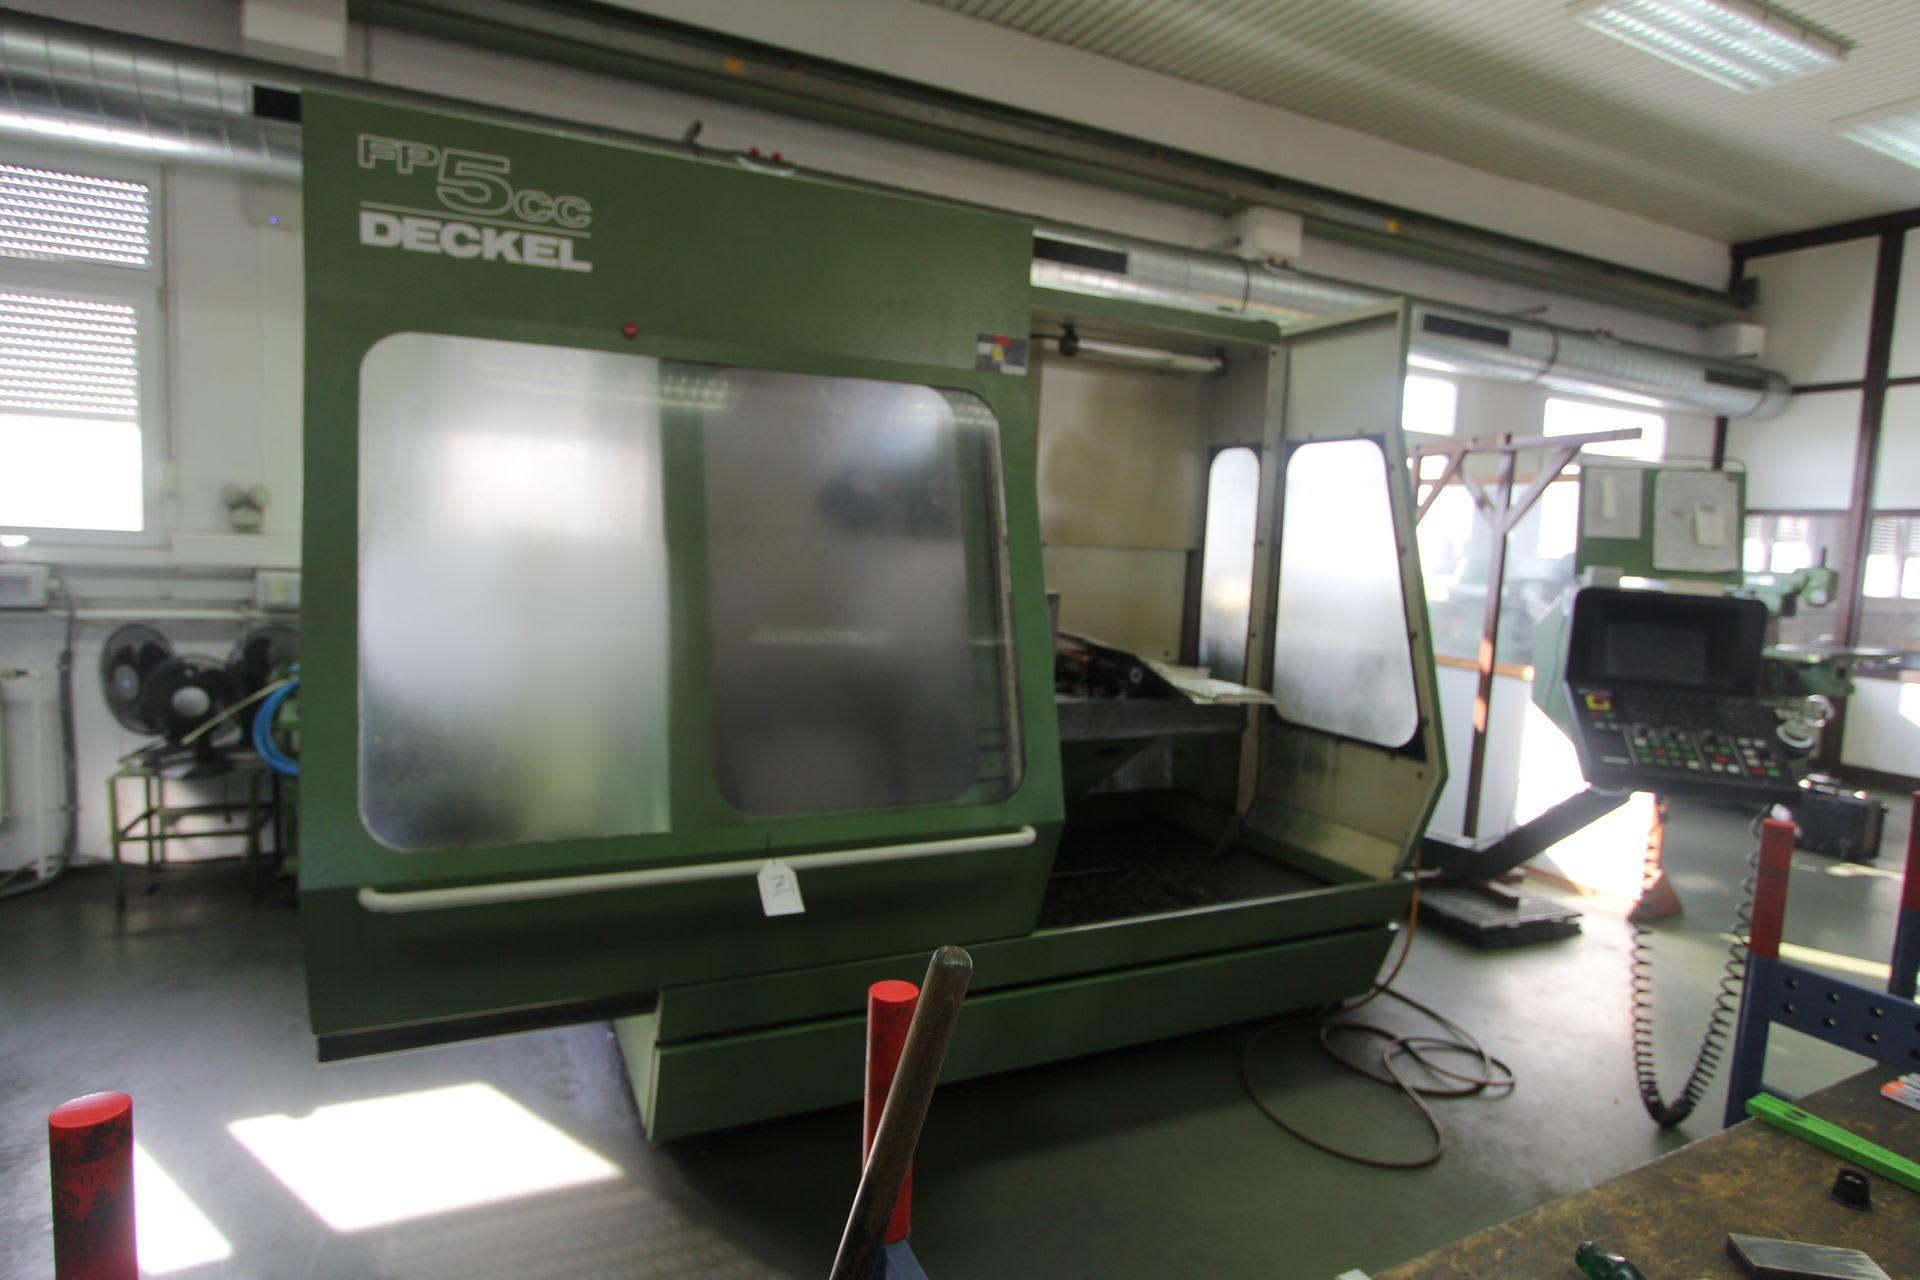 DECKEL FP 5 CC CNC Universal-Fräs- und Bohrmaschine